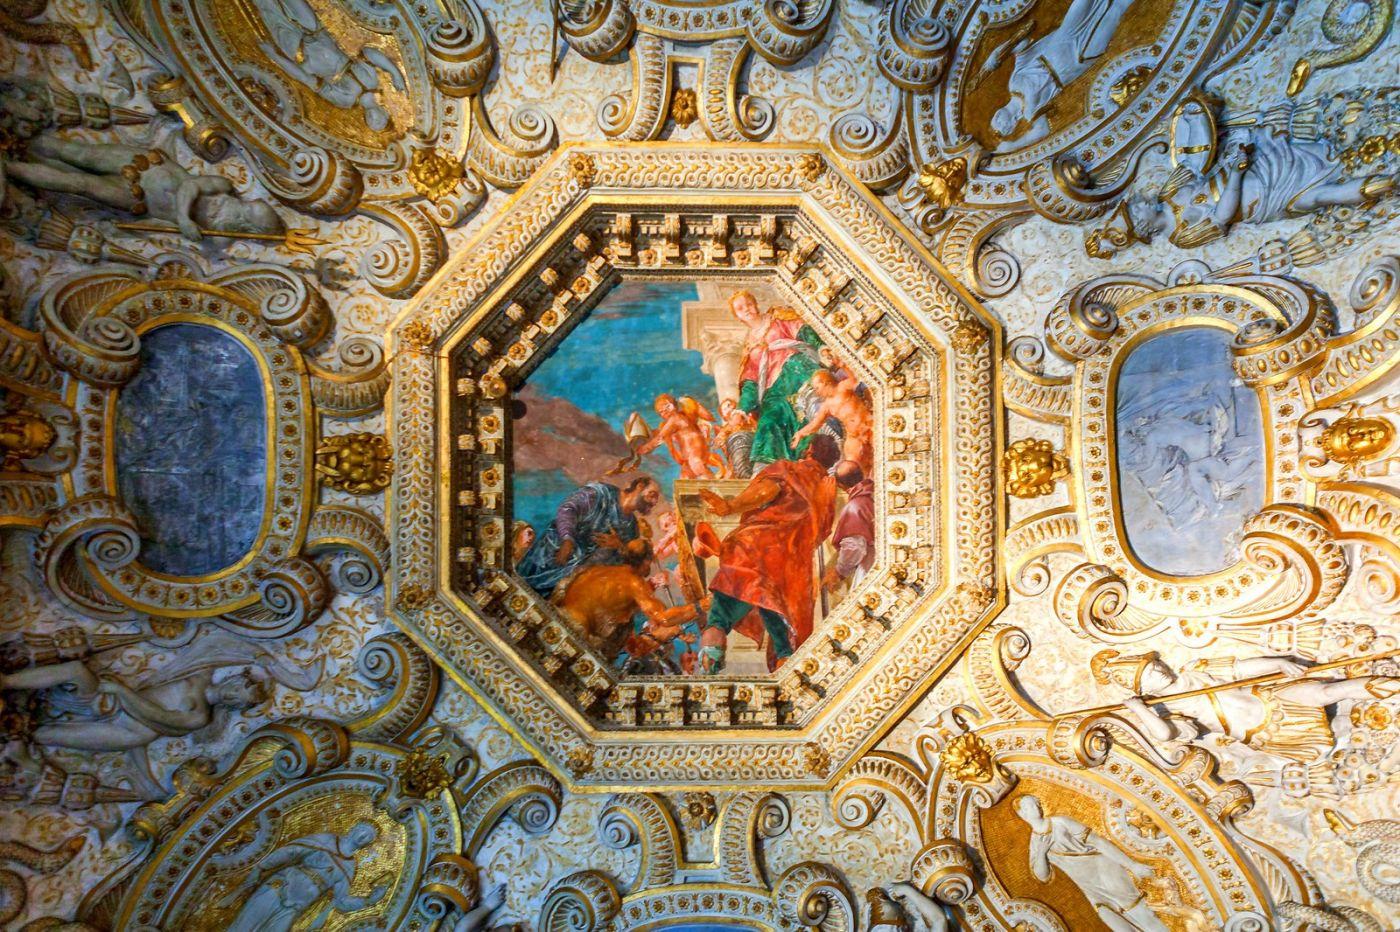 威尼斯圣马可大教堂(St Mark's Basilica), 精雕细琢的顶设_图1-9